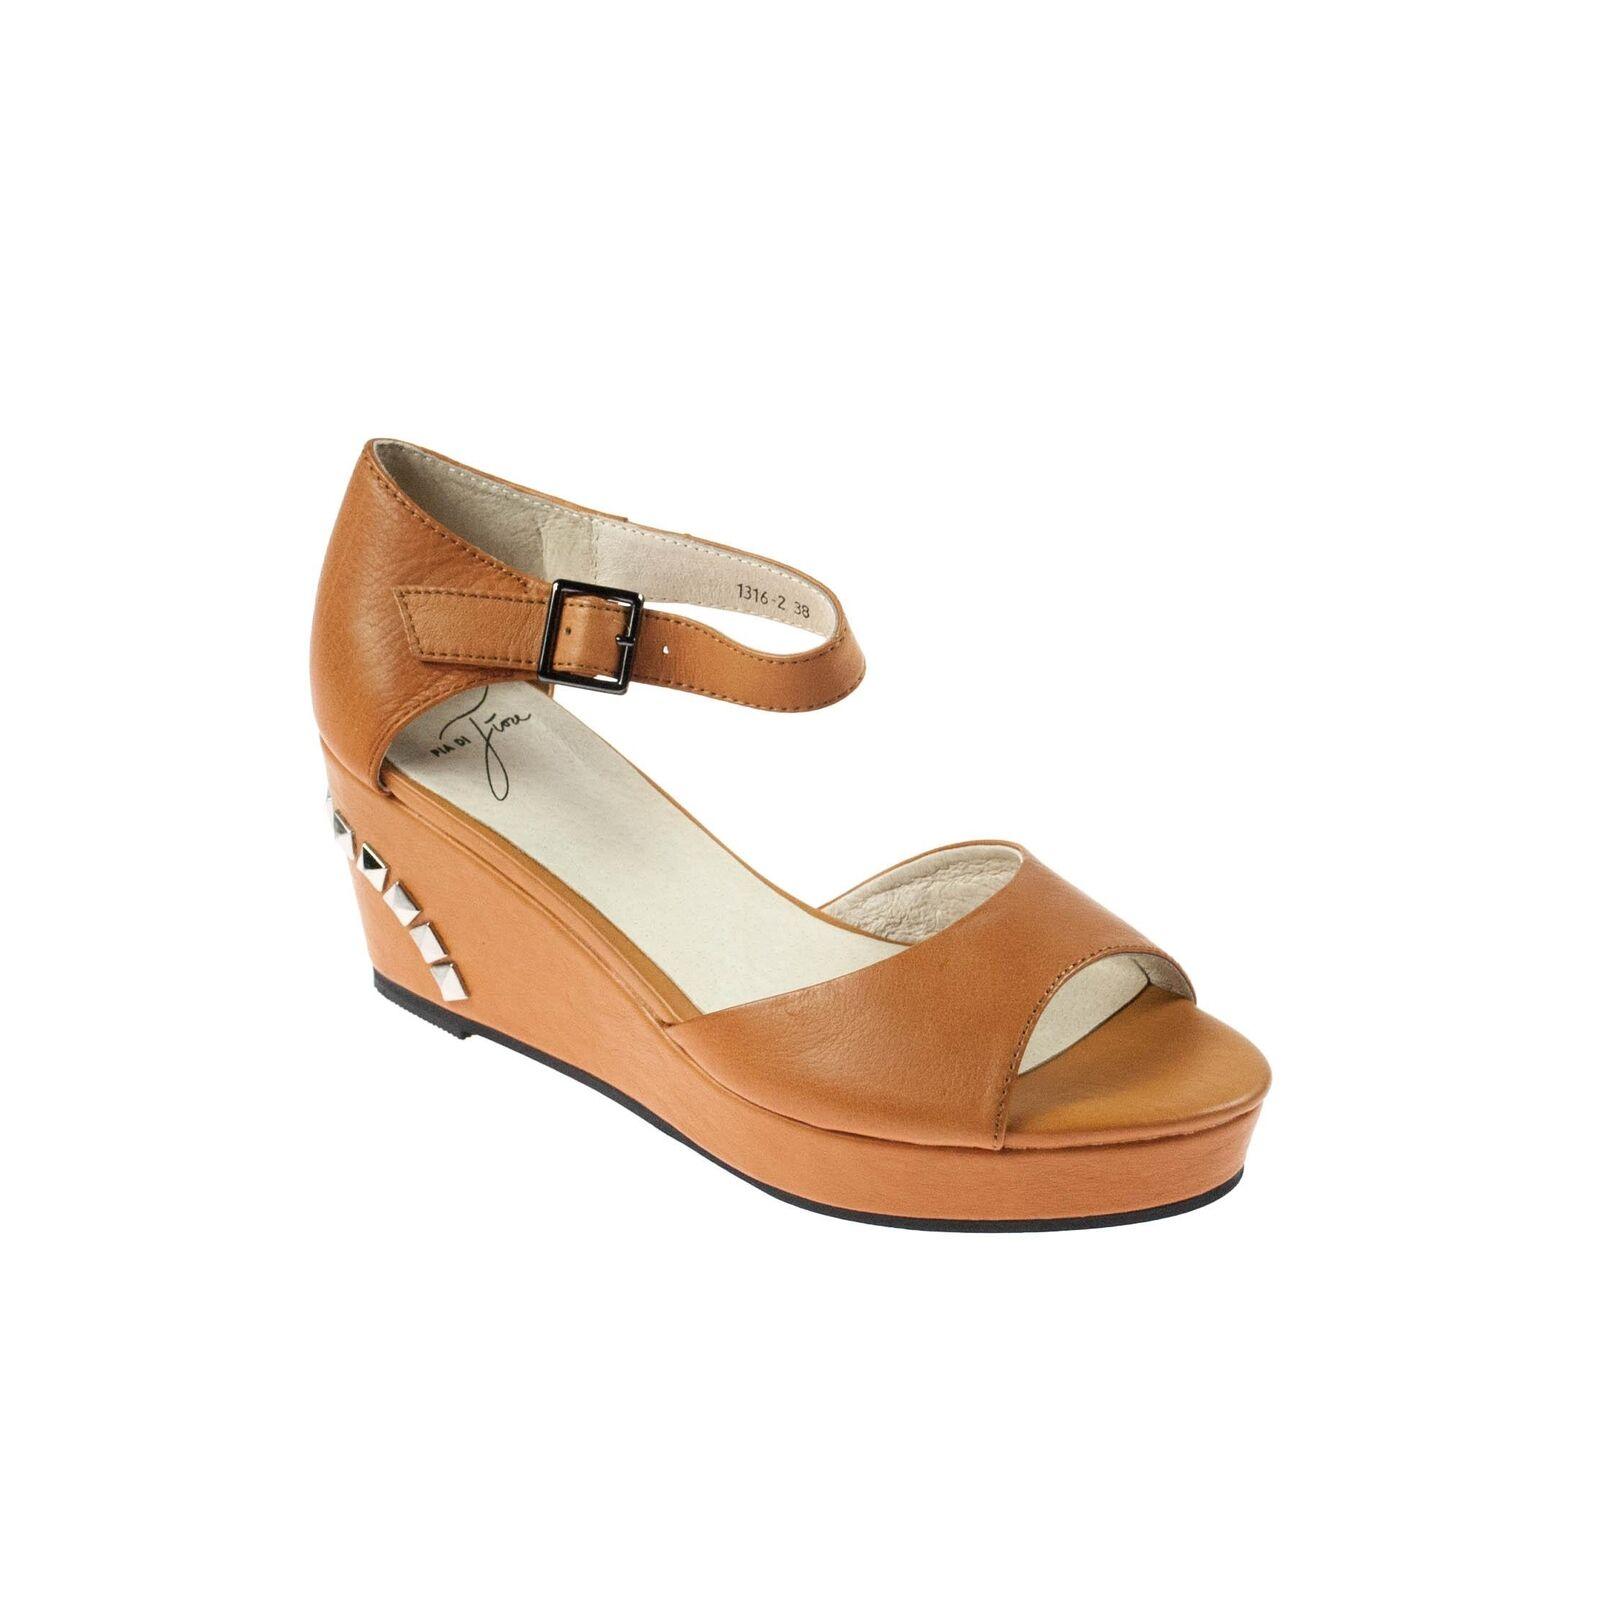 Pia di fiore da pelle donna zeppa sandali marrone pelle da con borchie 71a31a